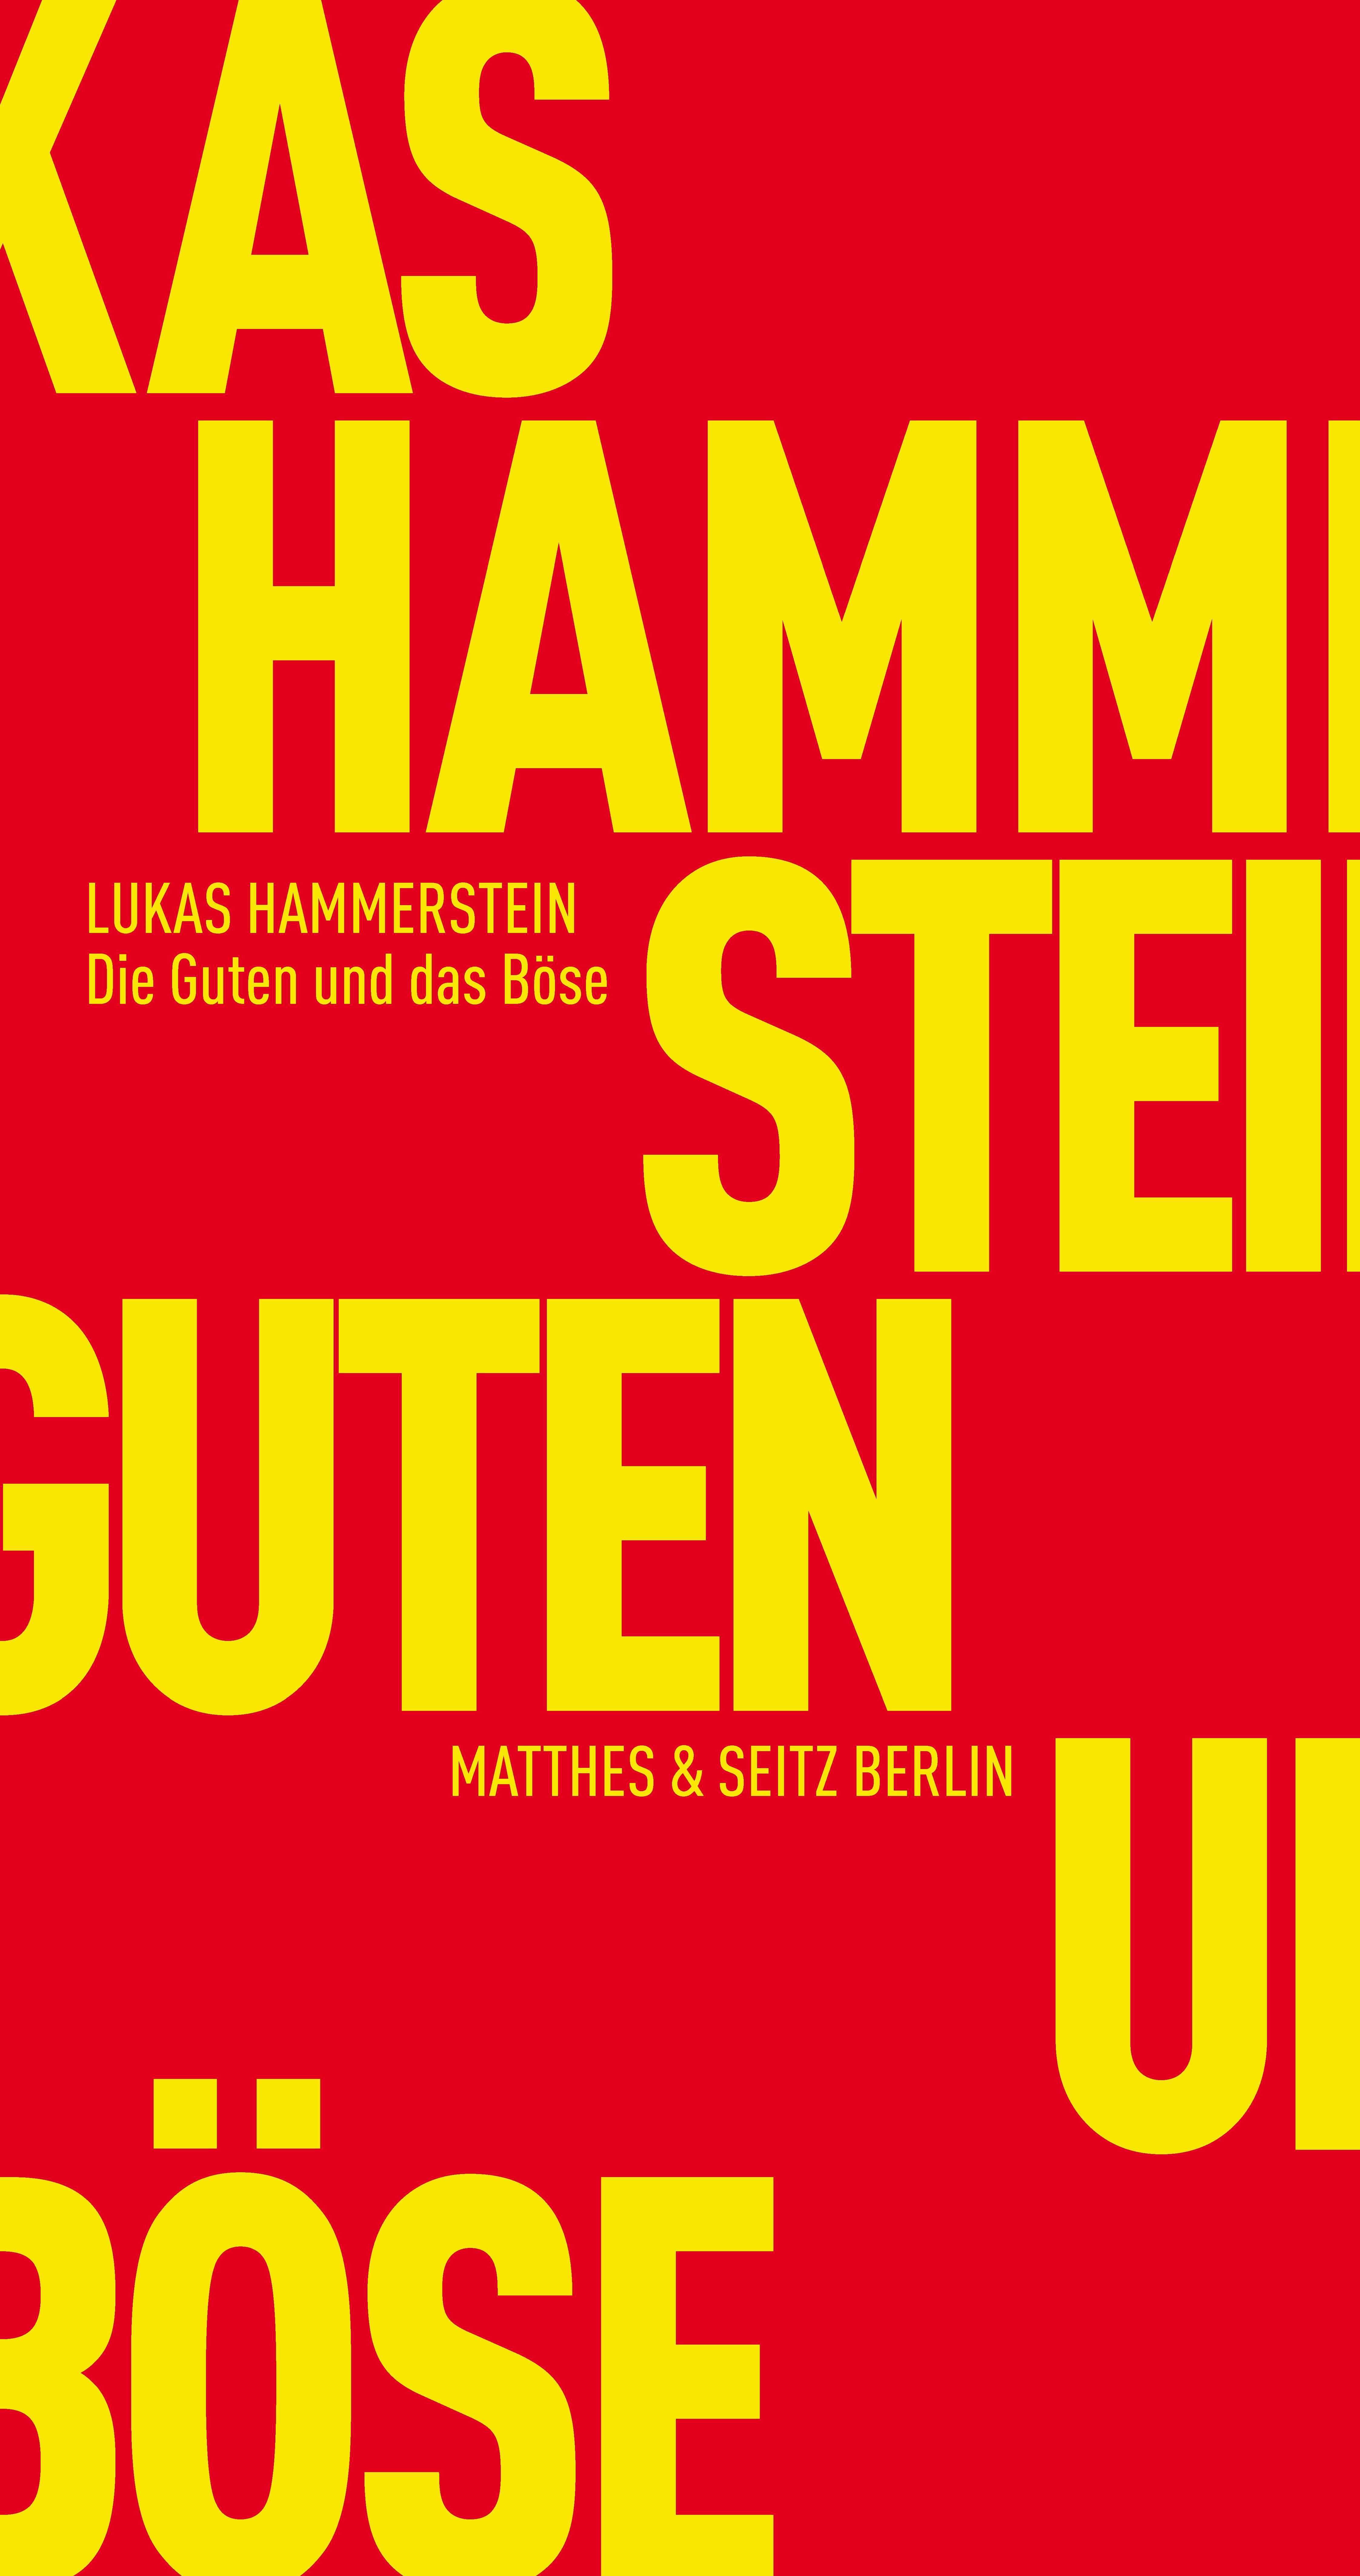 Die Guten und das Böse Lukas Hammerstein